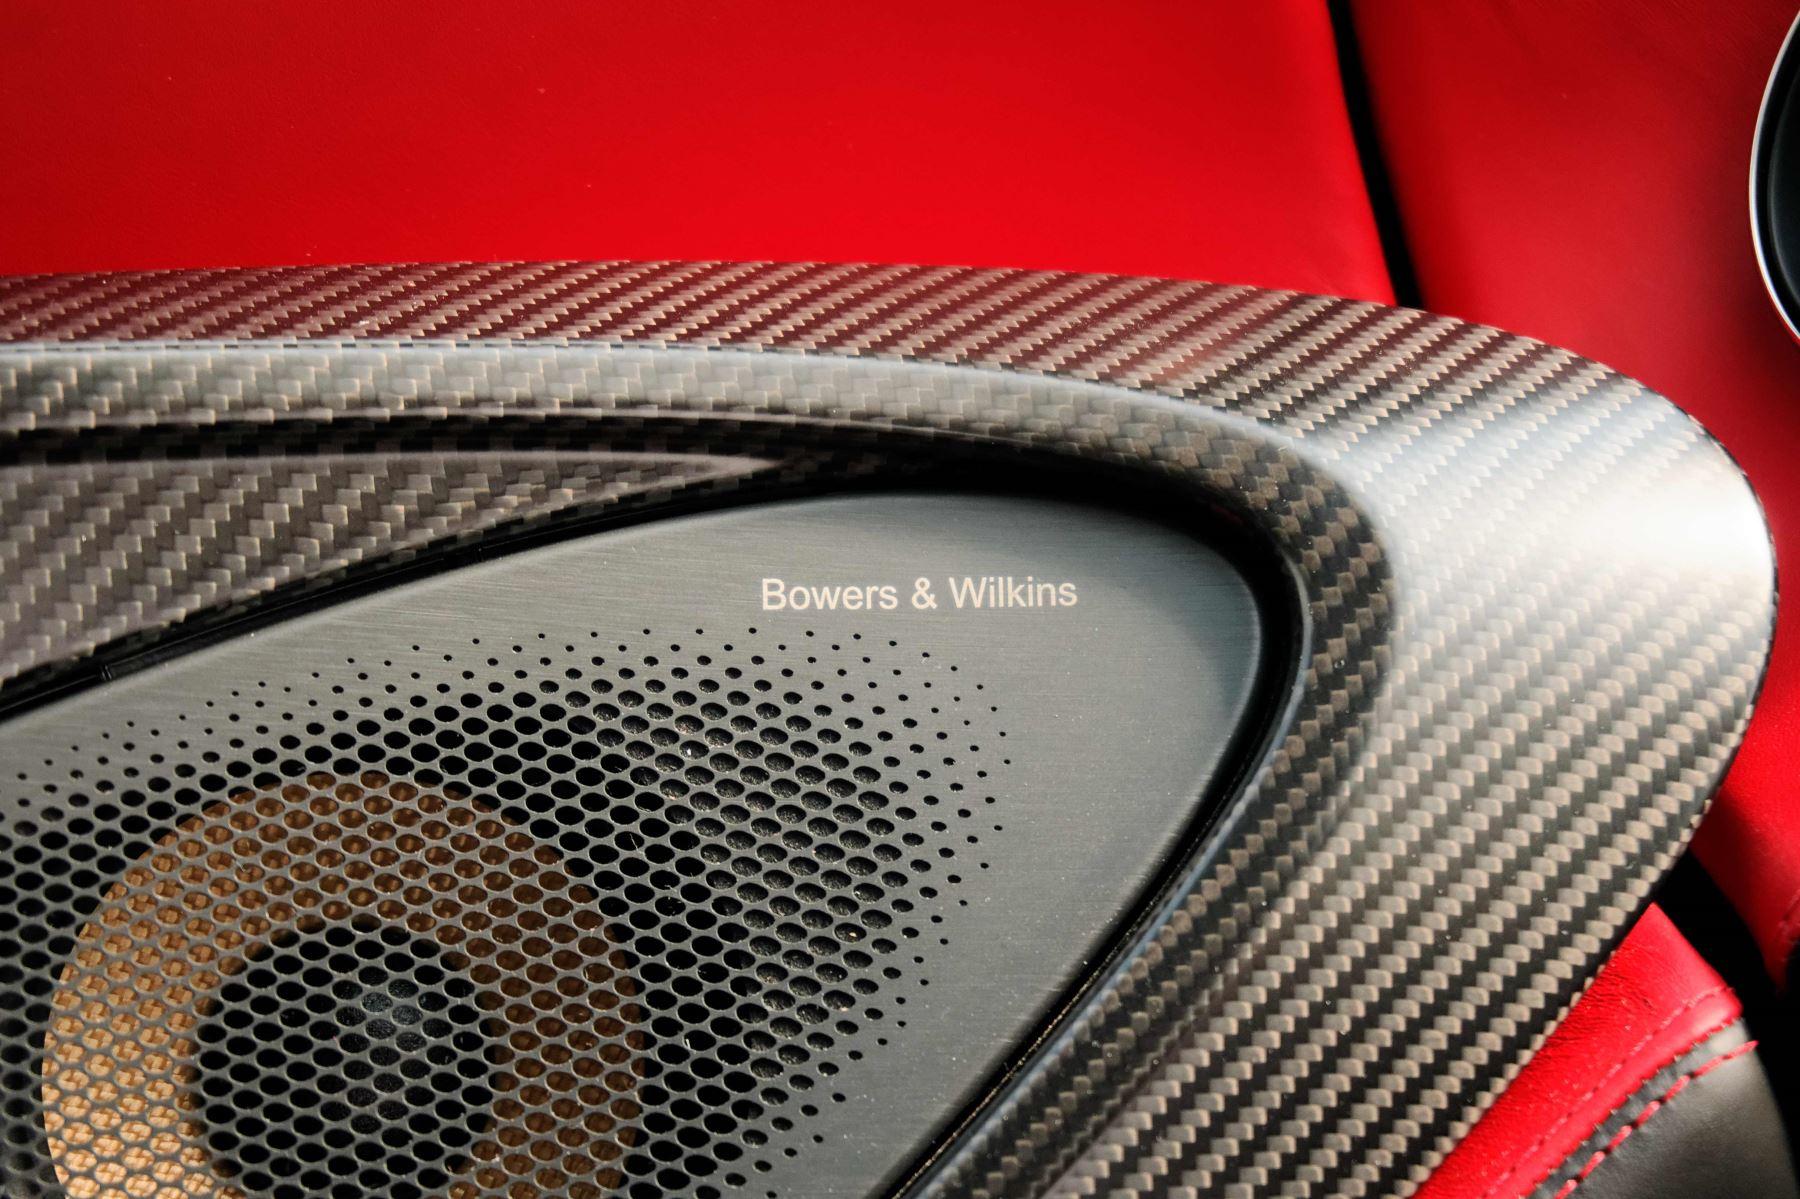 McLaren 570S Coupe SSG image 27